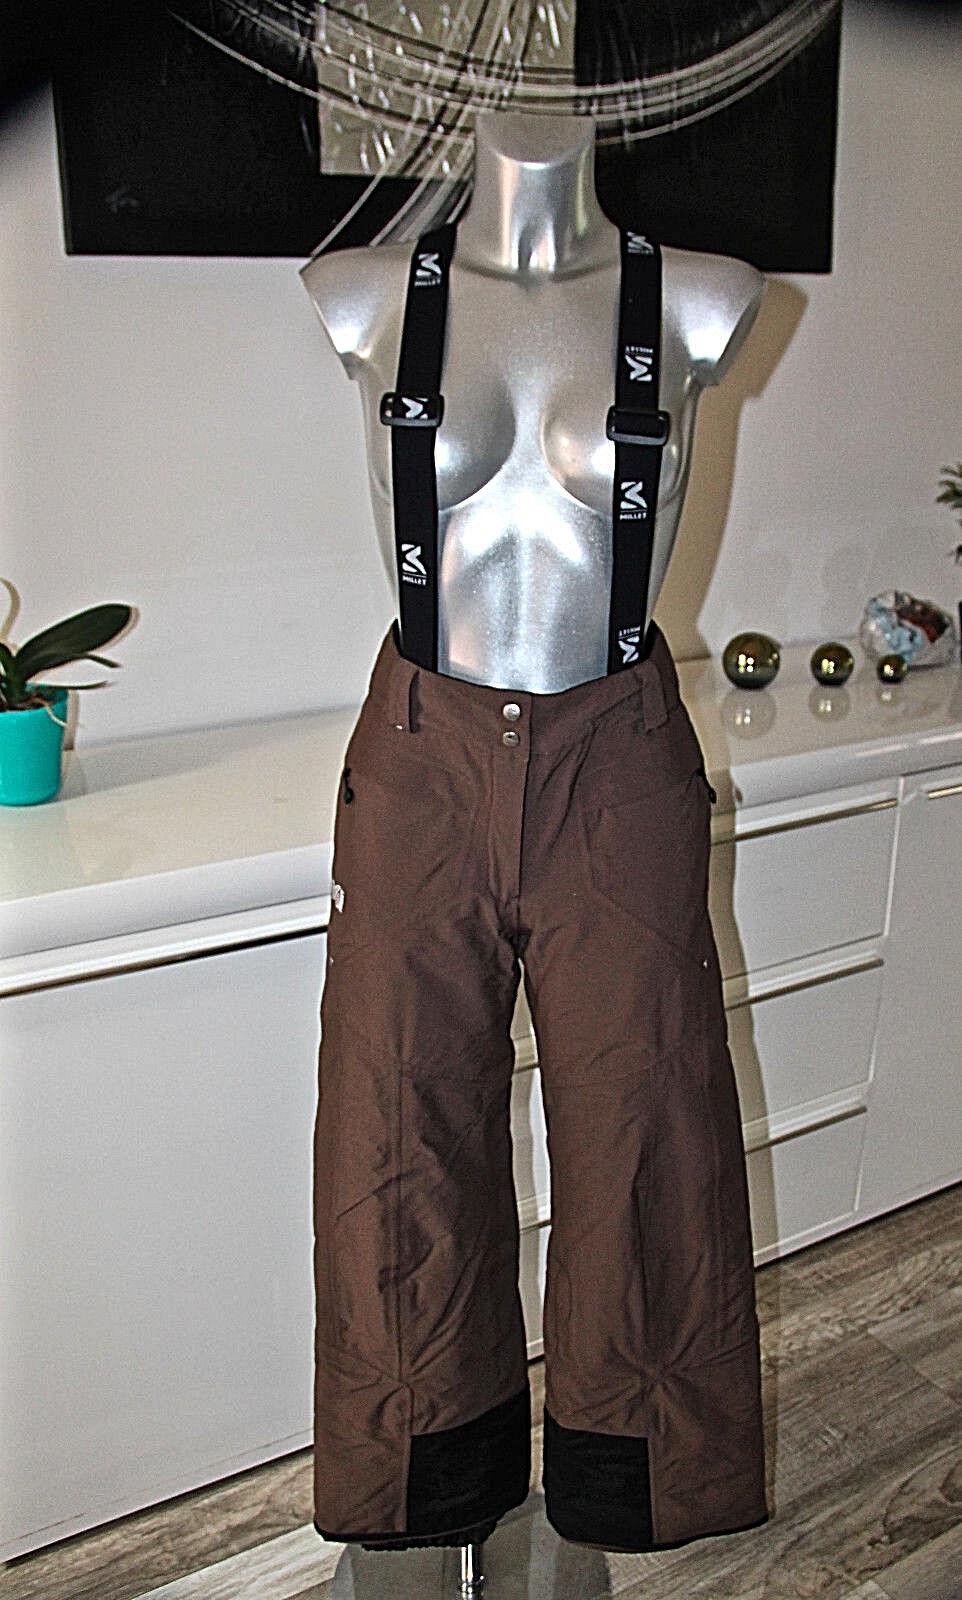 Pantaloni Salopette Sci Snowboard Marroni Gore Tex Donna Millet TAGLIA S 36 Fr